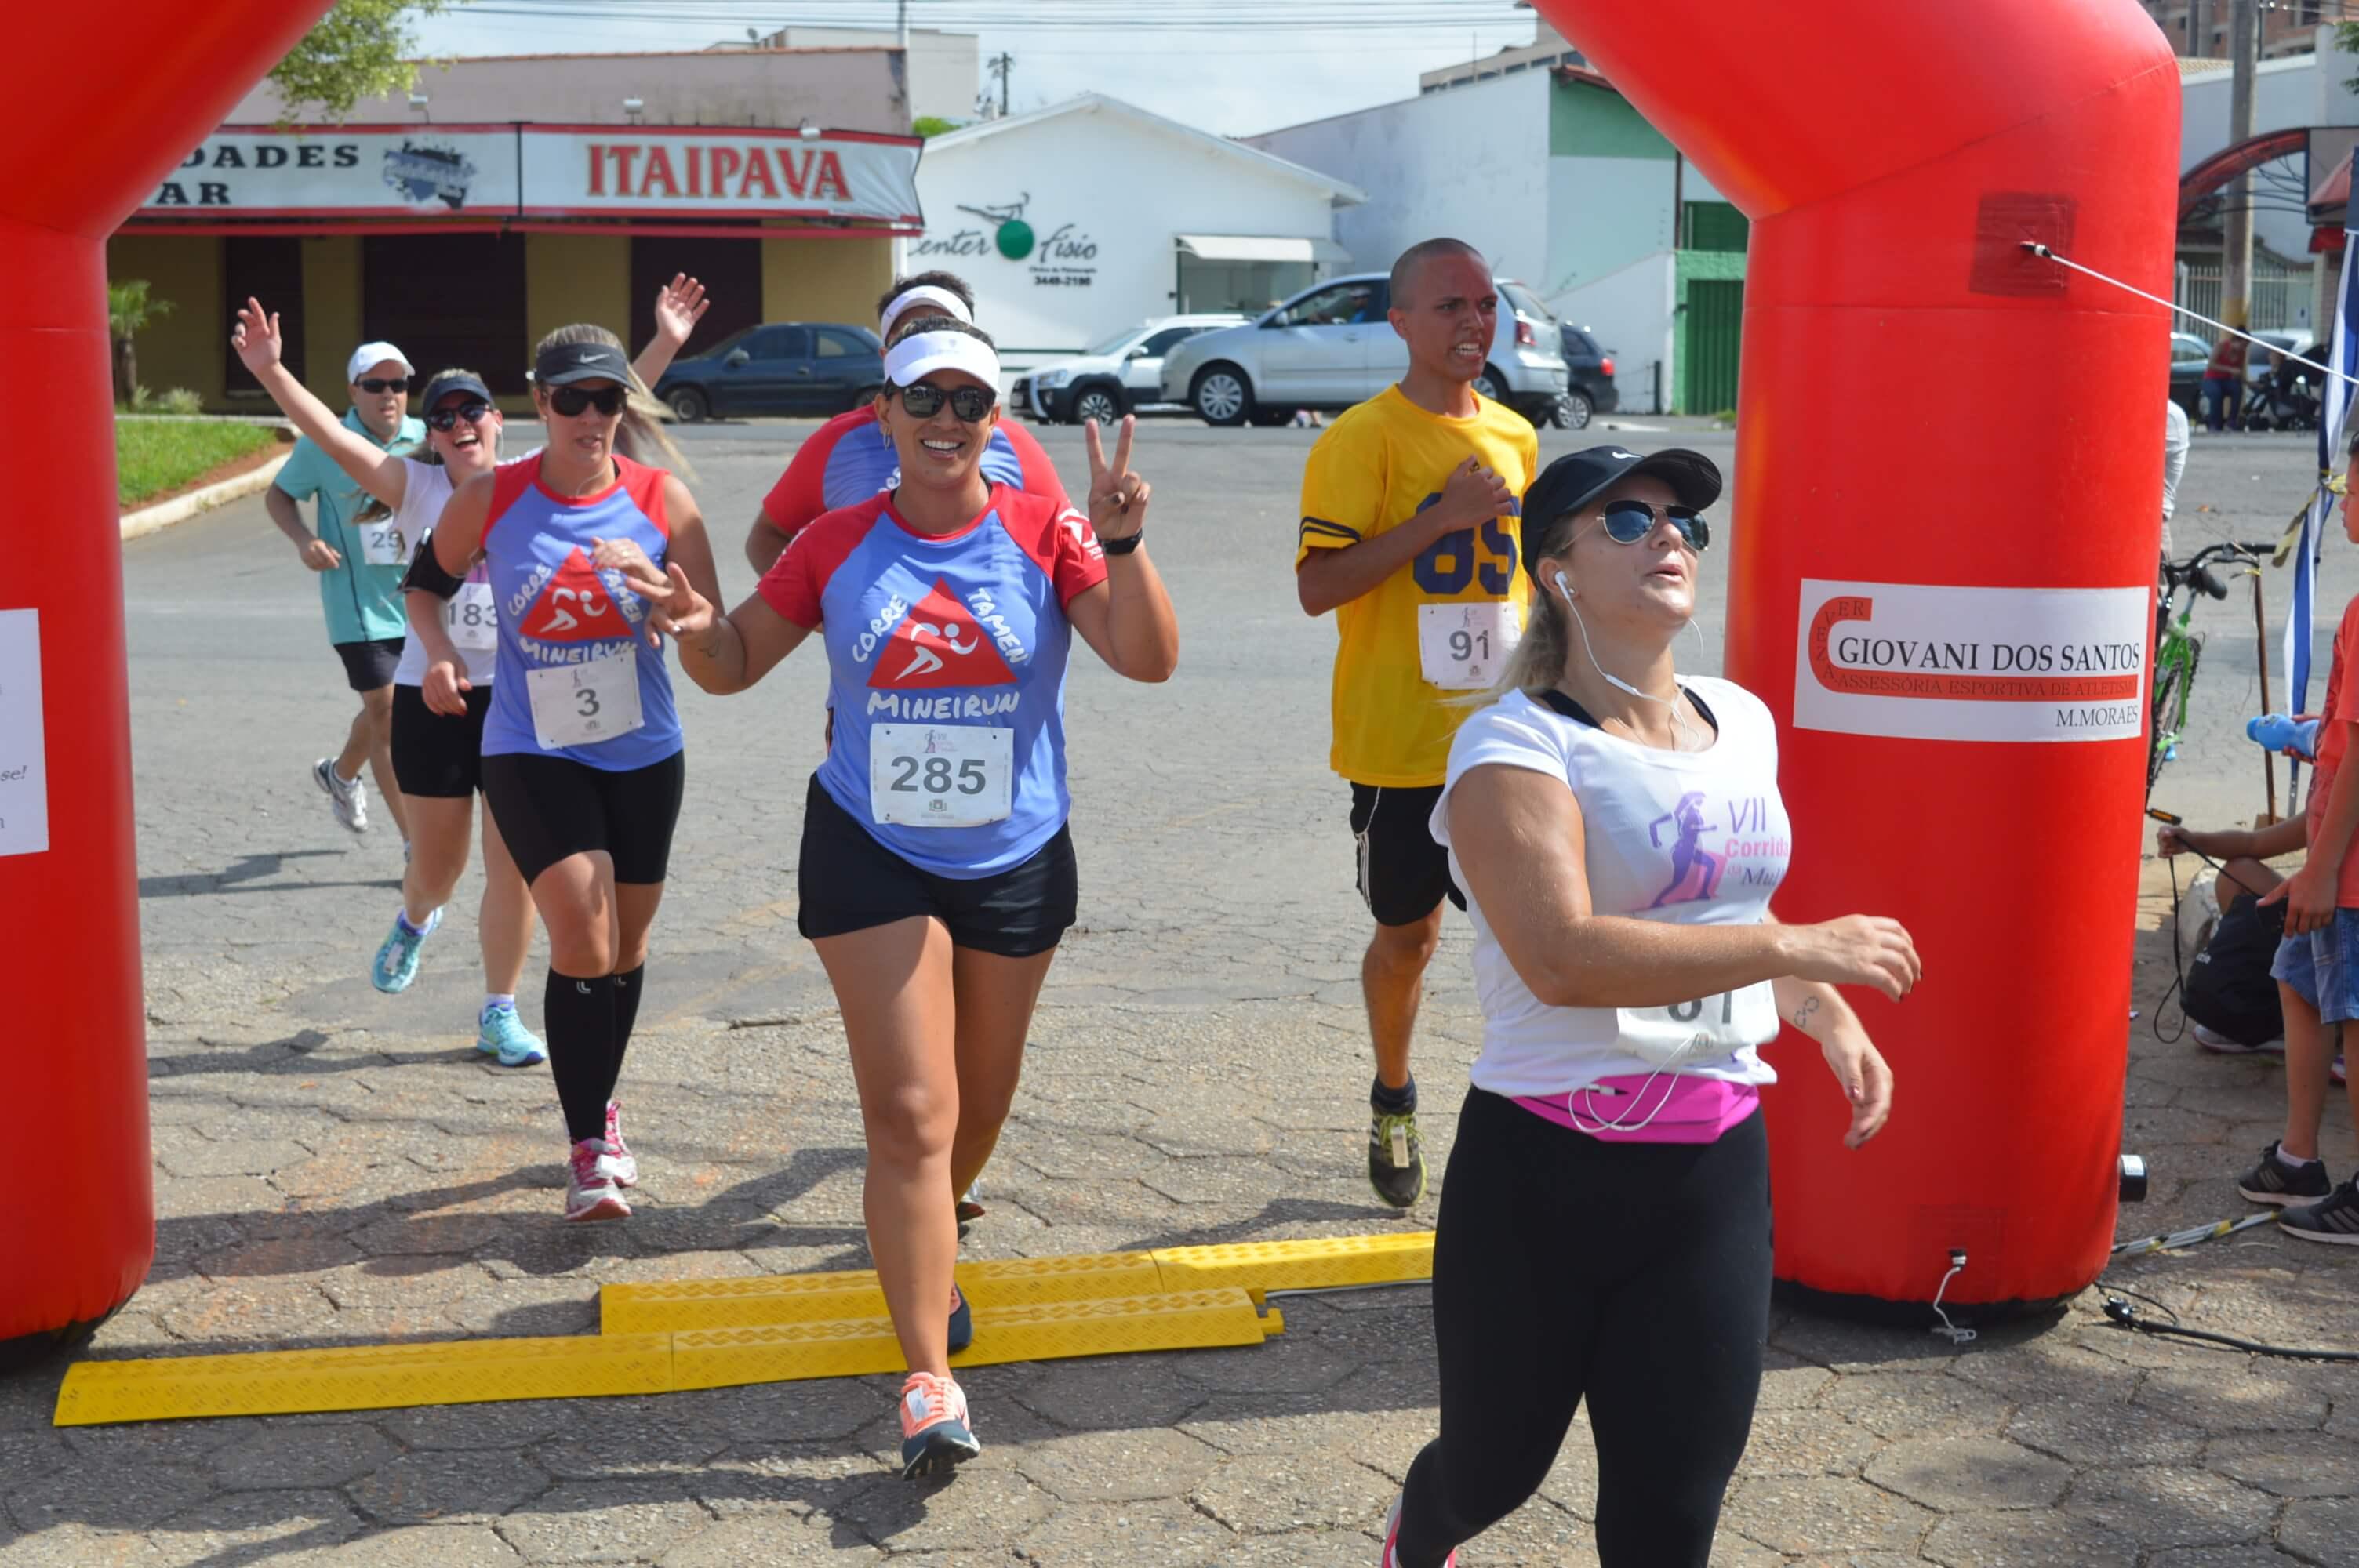 VII Corrida da Mulher reuniu centenas de atletas. Foto: Prefeitura